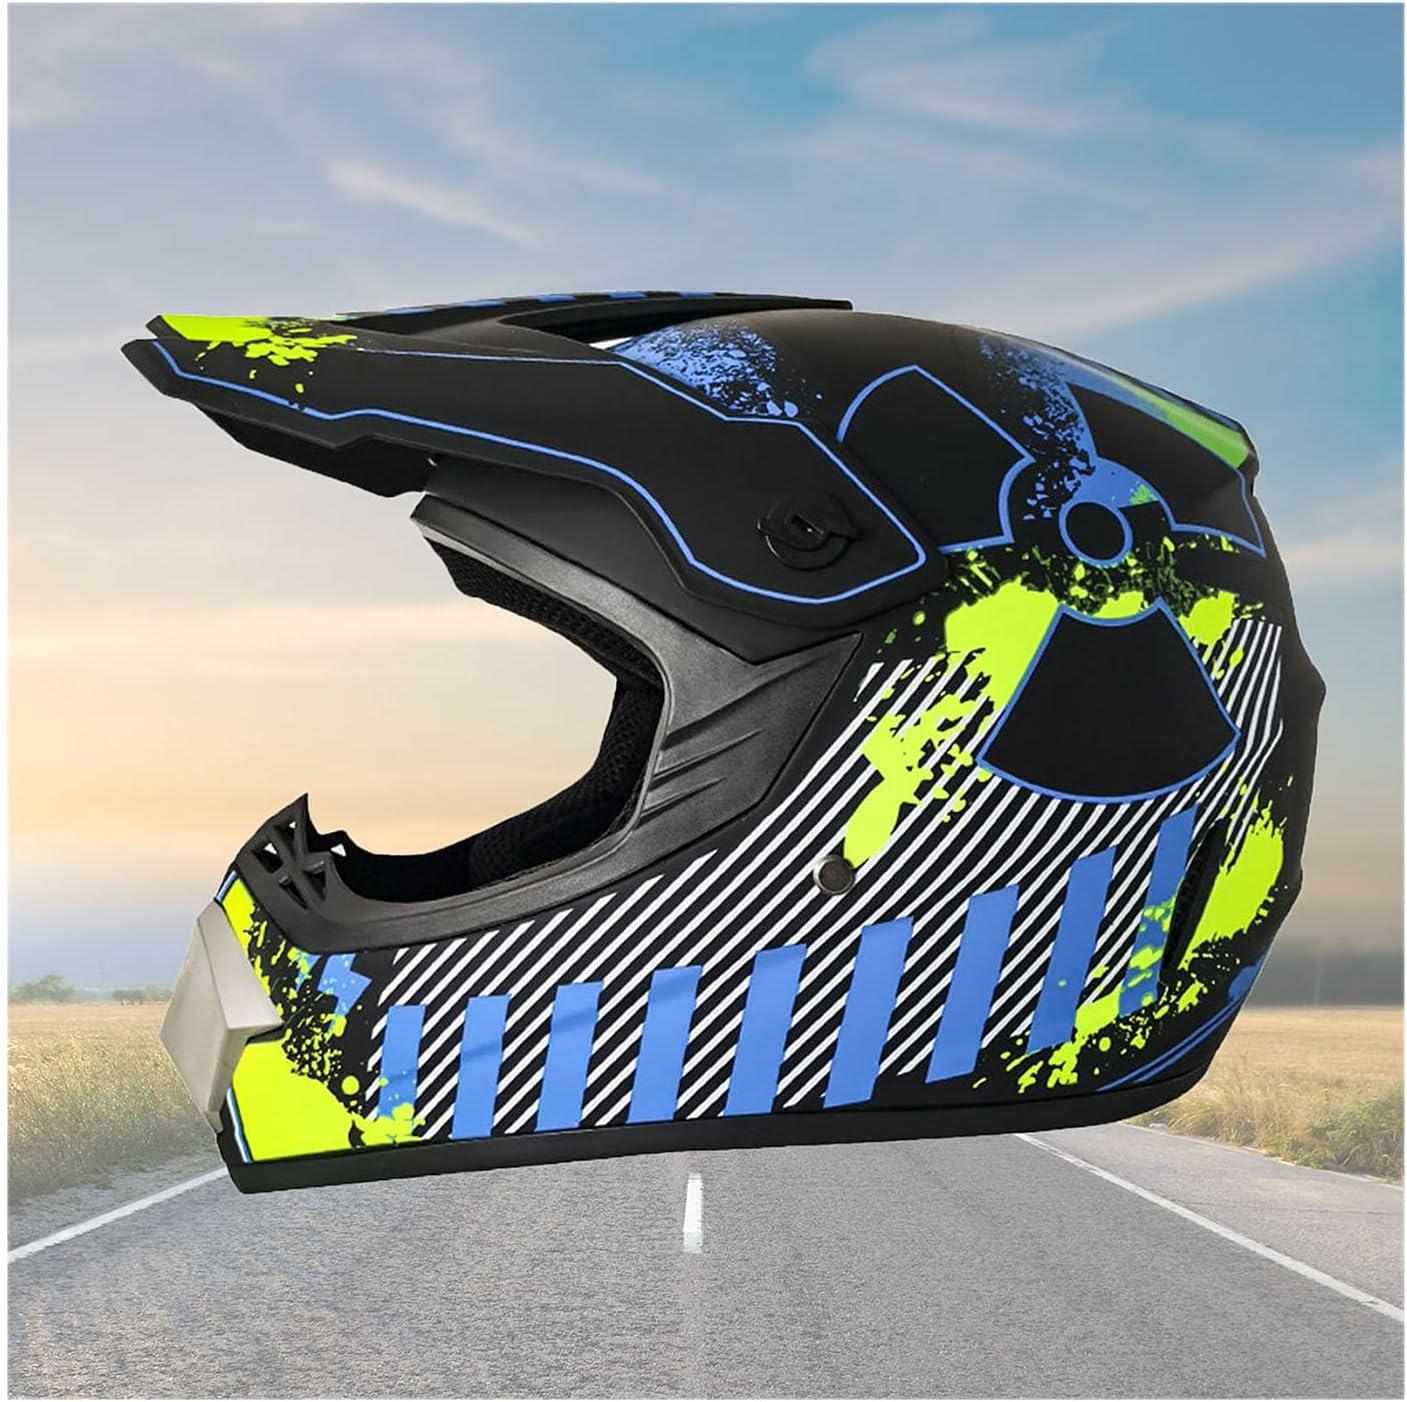 ZRN Adult Motocross Direct sale of manufacturer Helmet BMX Full ATV Racing Bike Dirt online shopping